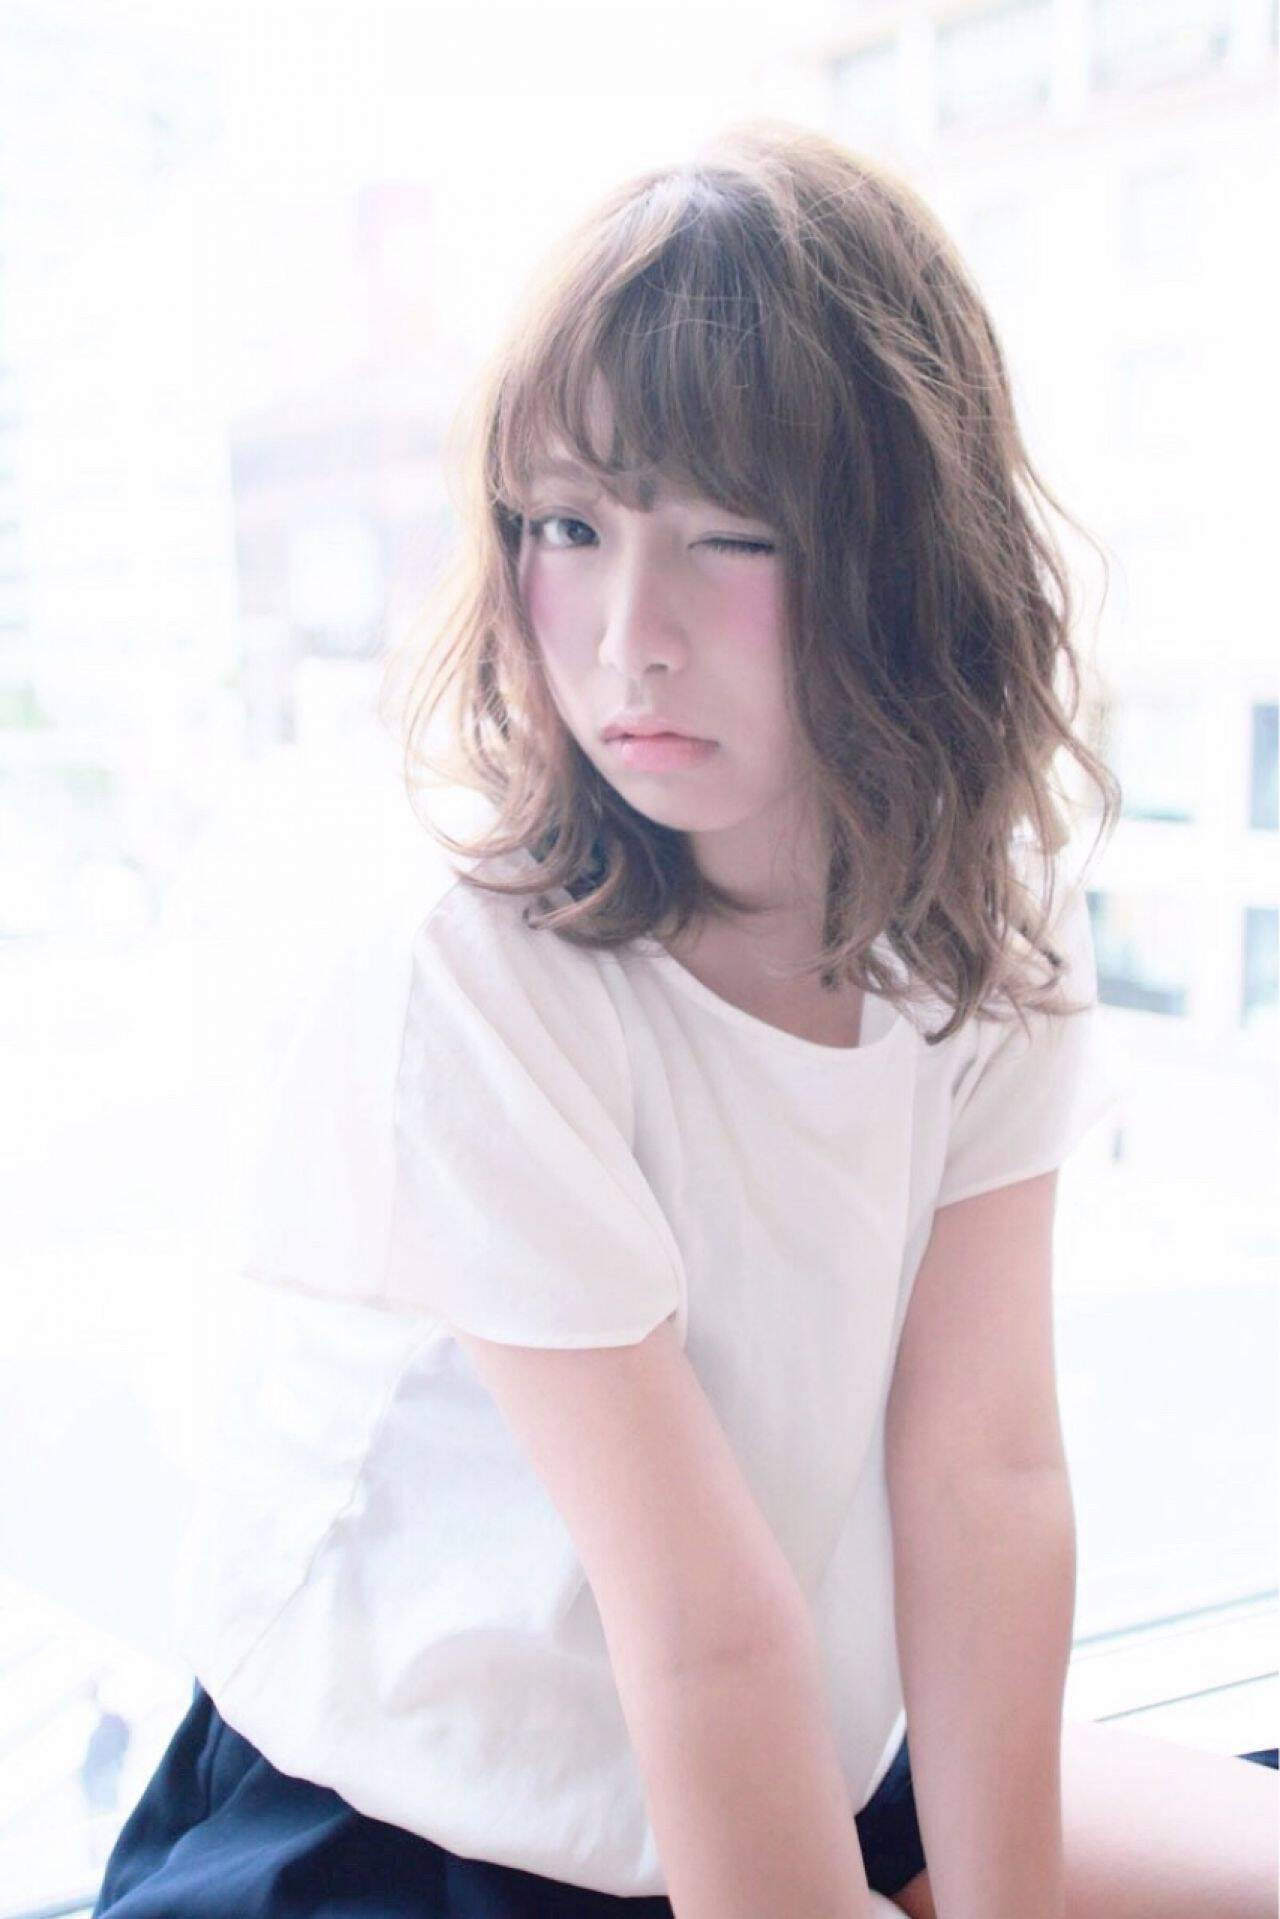 ミディアム ゆるふわ 丸顔 ガーリーヘアスタイルや髪型の写真・画像